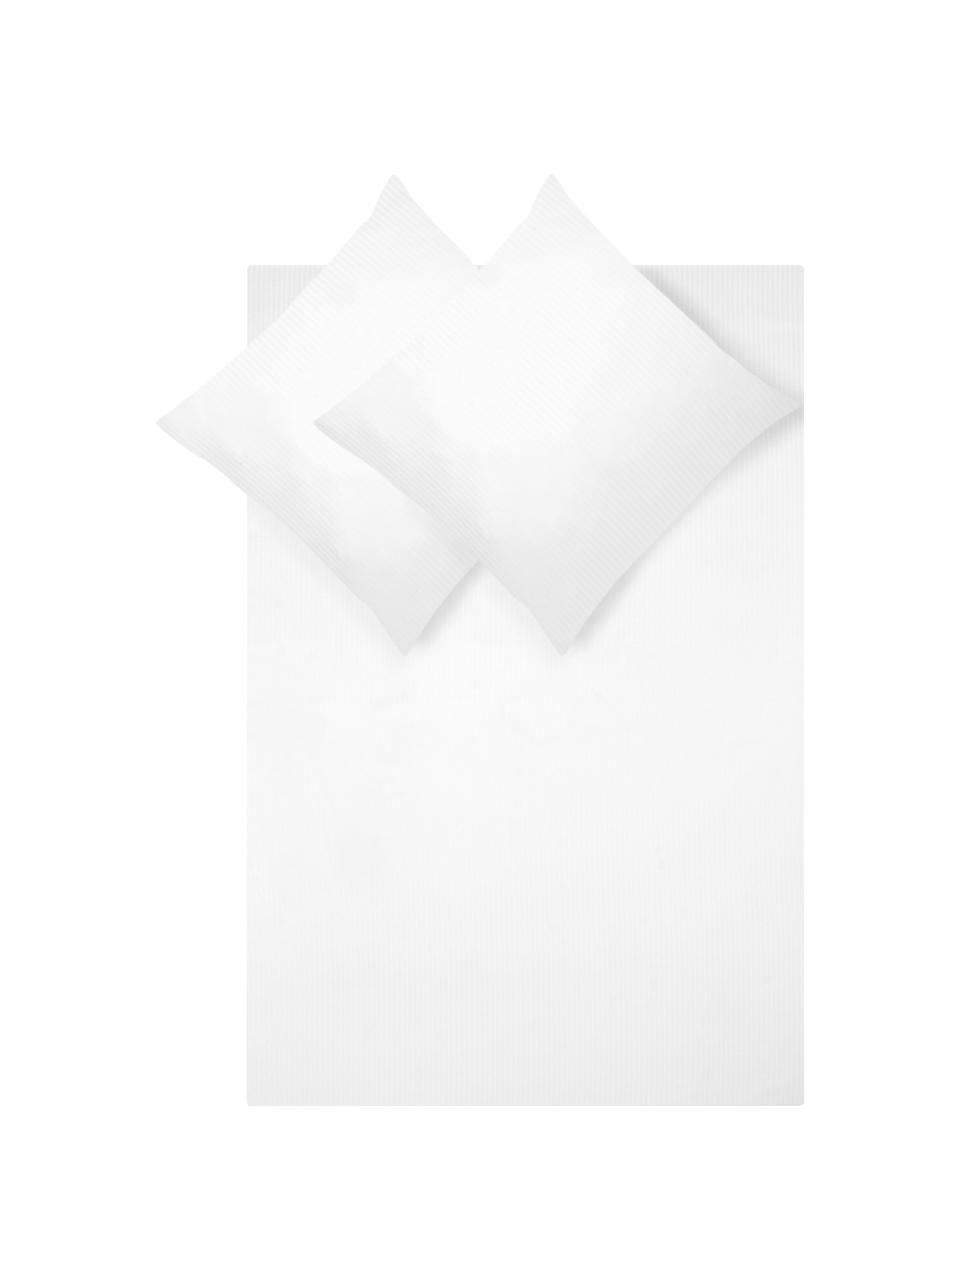 Satinstreifen-Bettwäsche Stella in Weiß, Webart: Satin Fadendichte 250 TC,, Weiß, 135 x 200 cm + 1 Kissen 80 x 80 cm